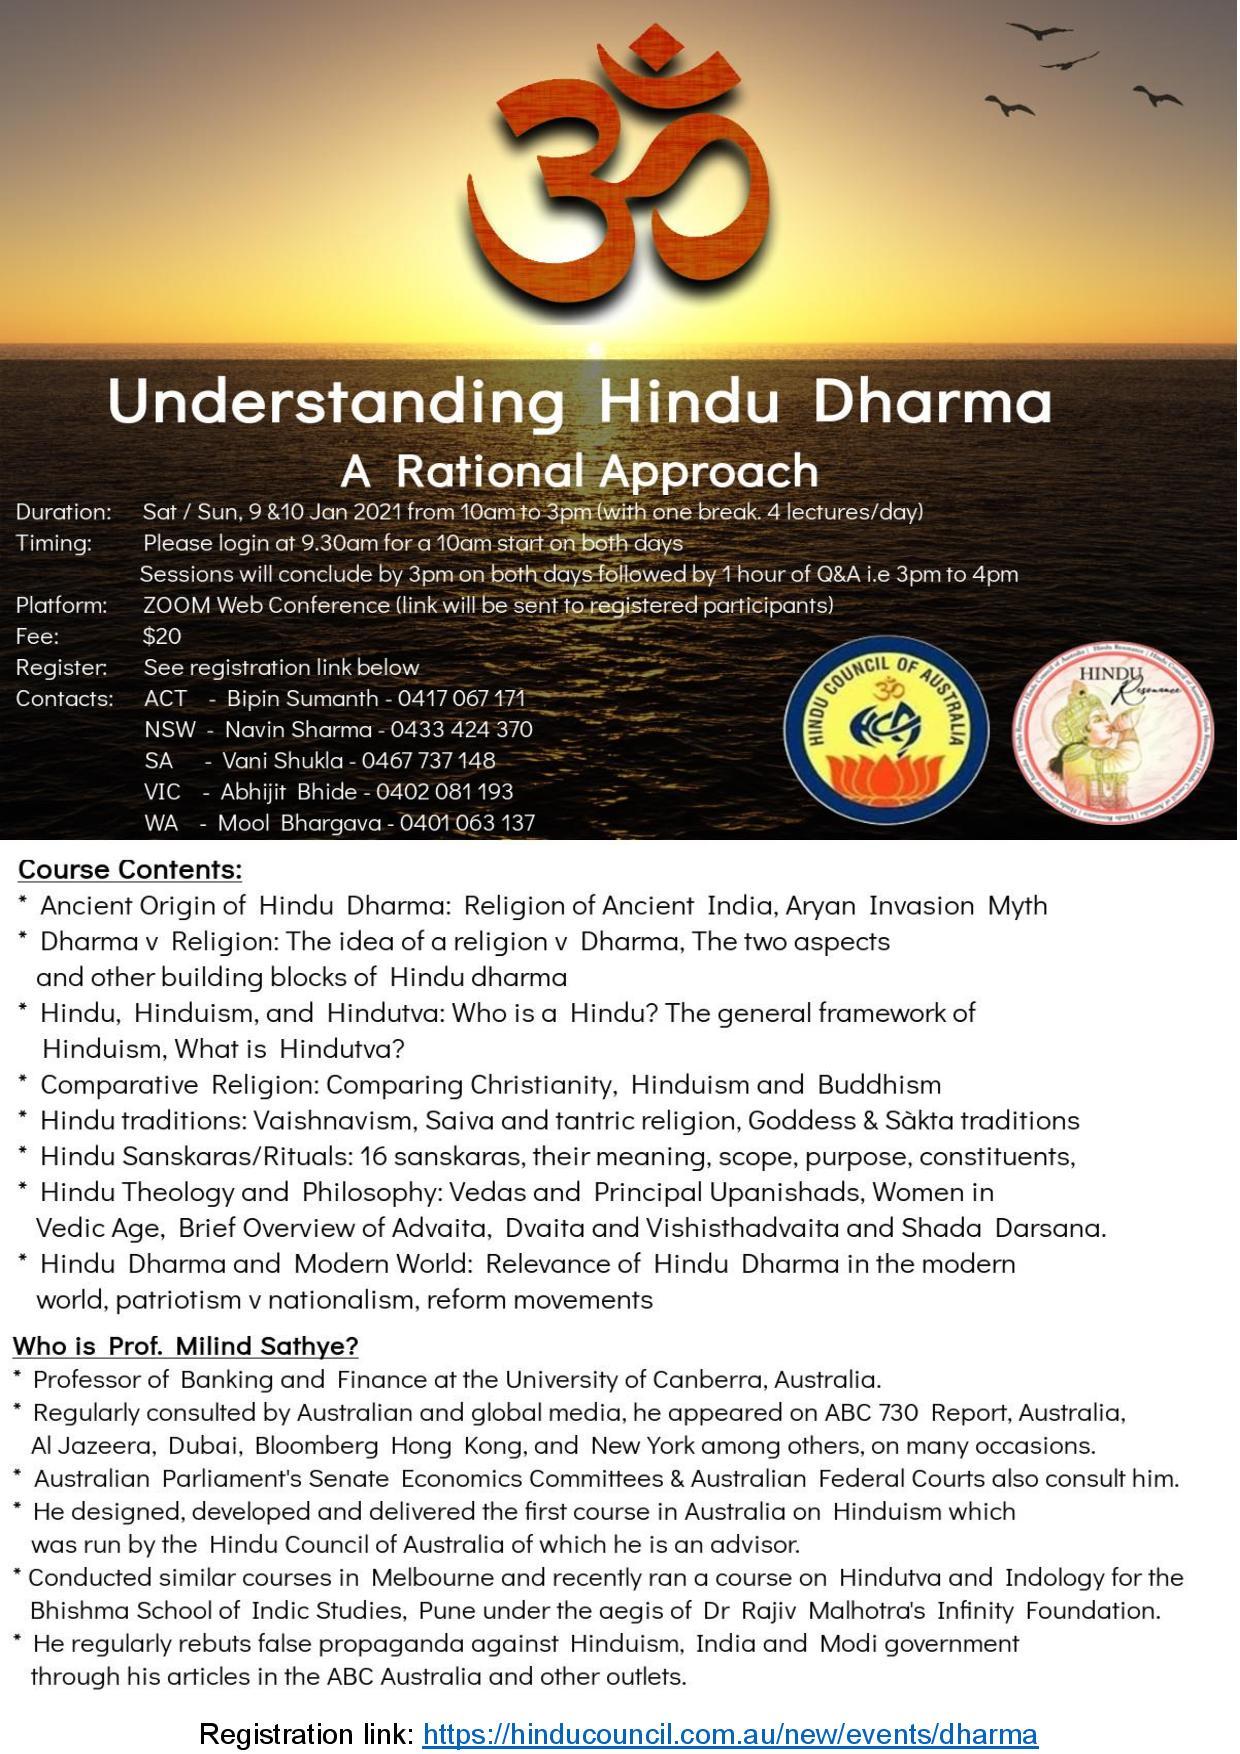 Brochure of Understanding Hindu Dharma